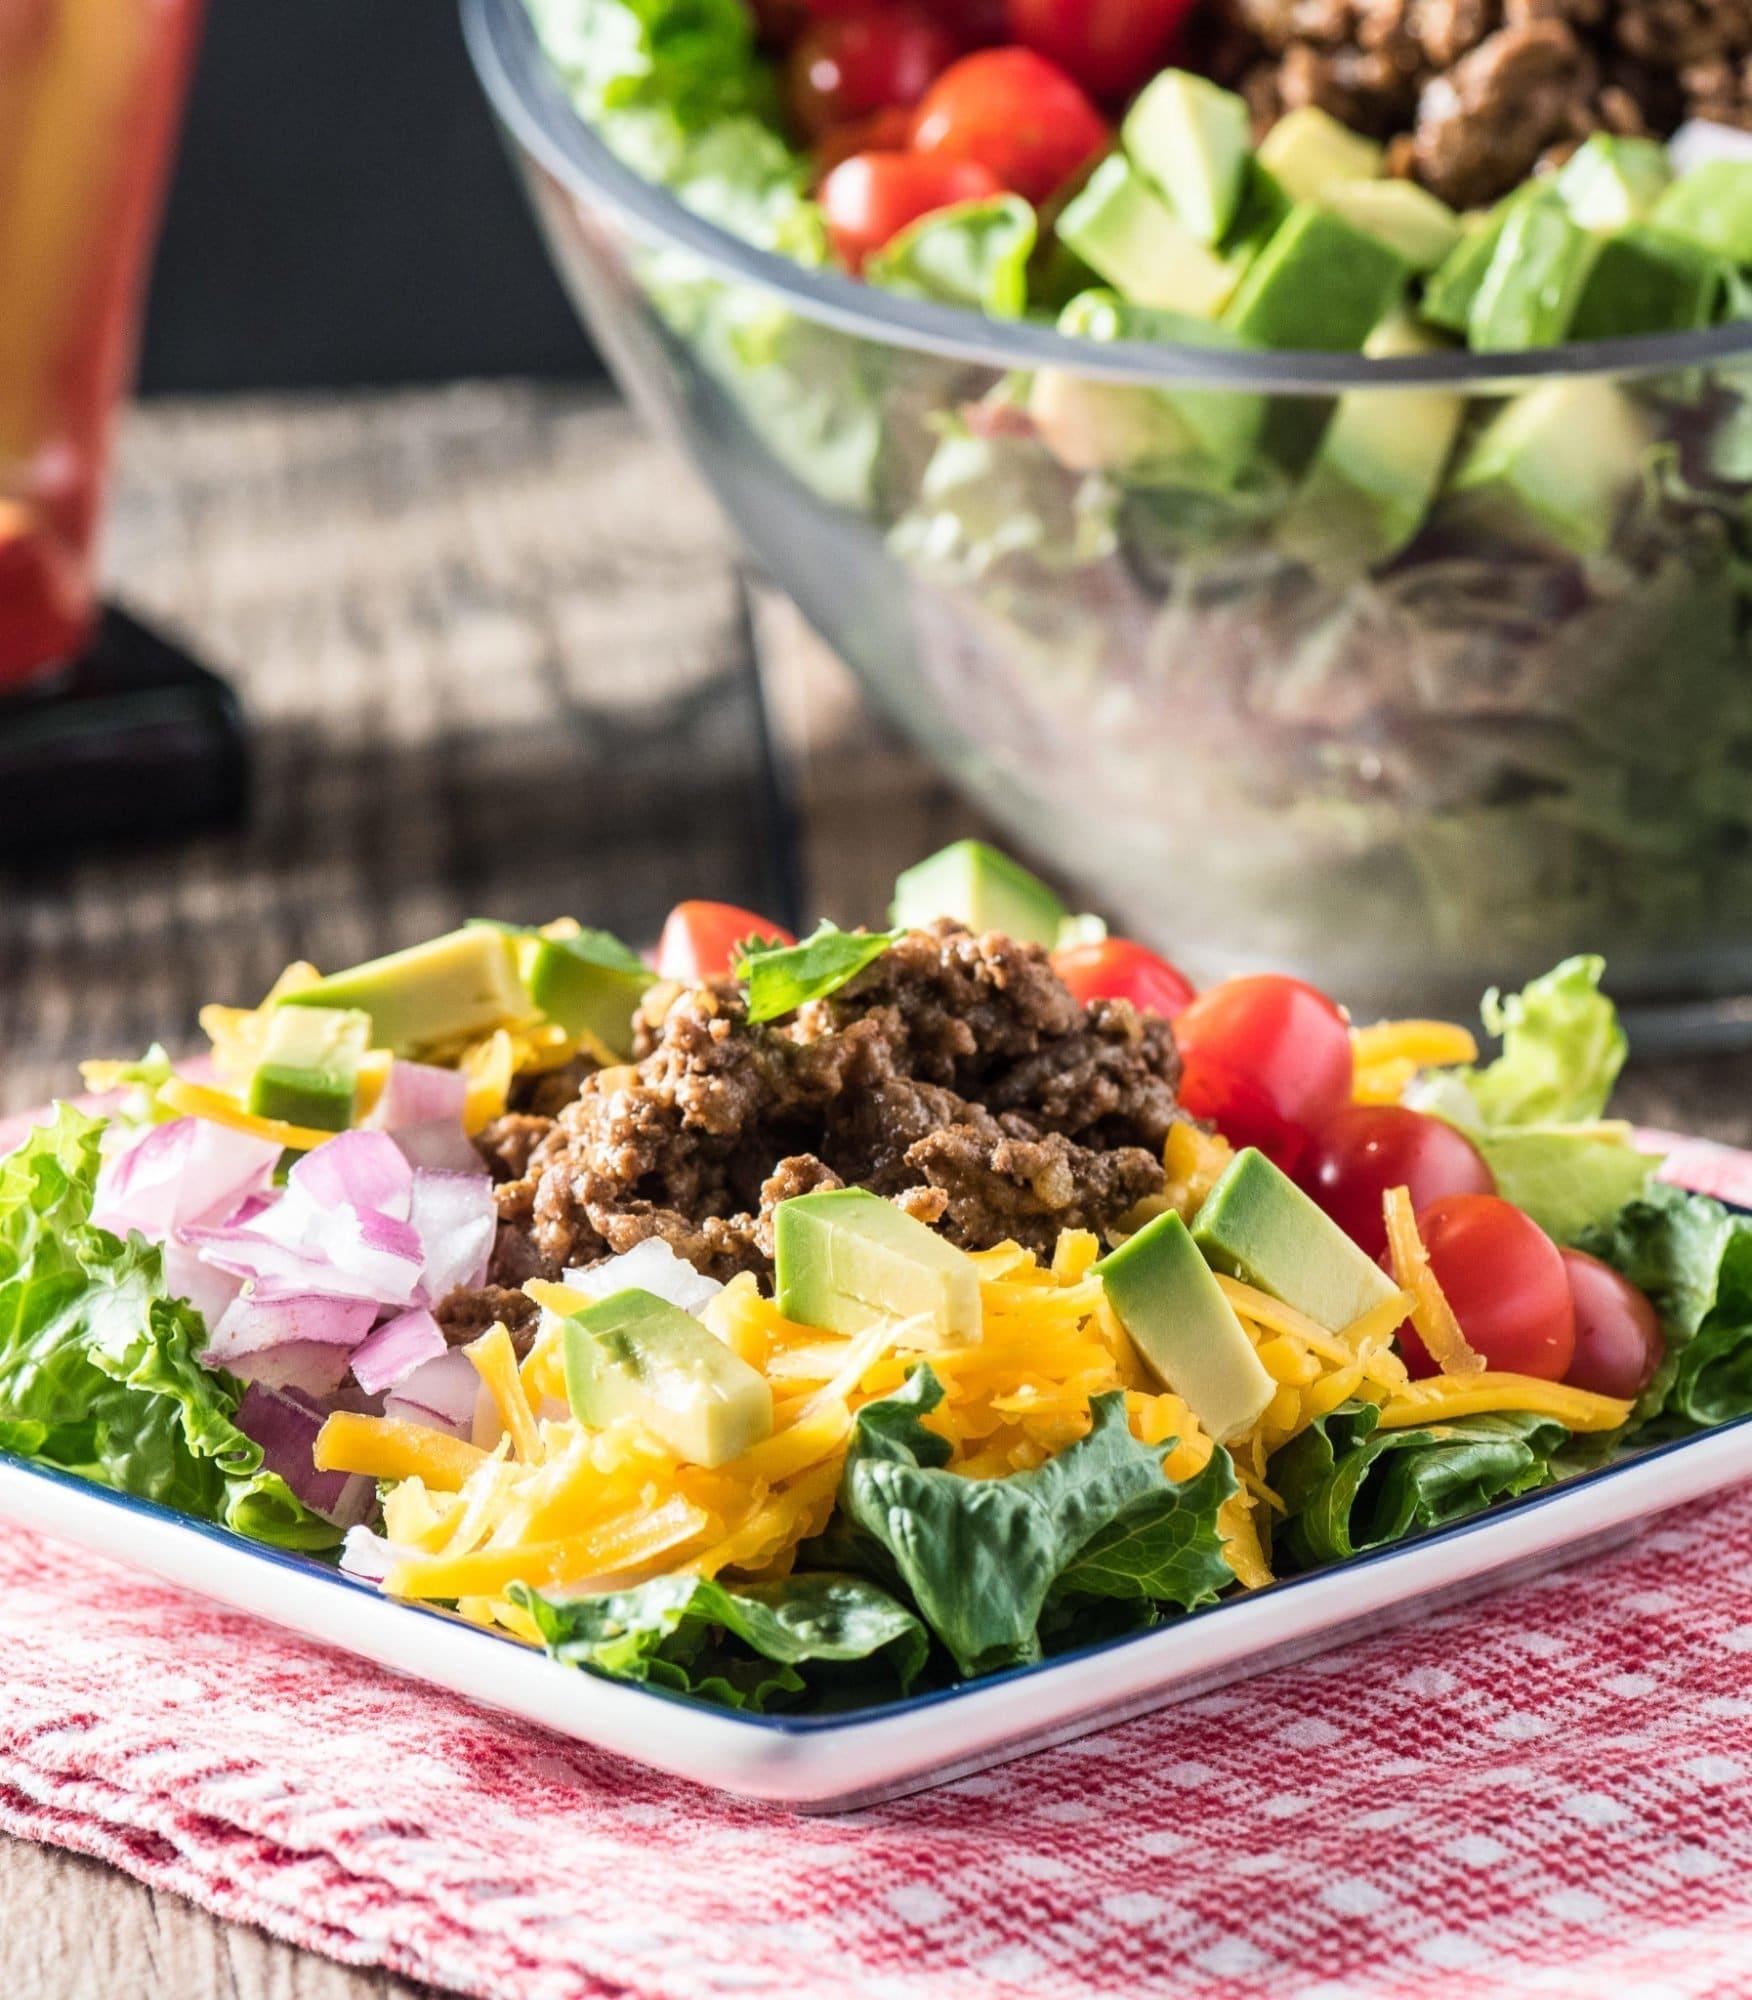 Taco Salad Recipe No Carbs